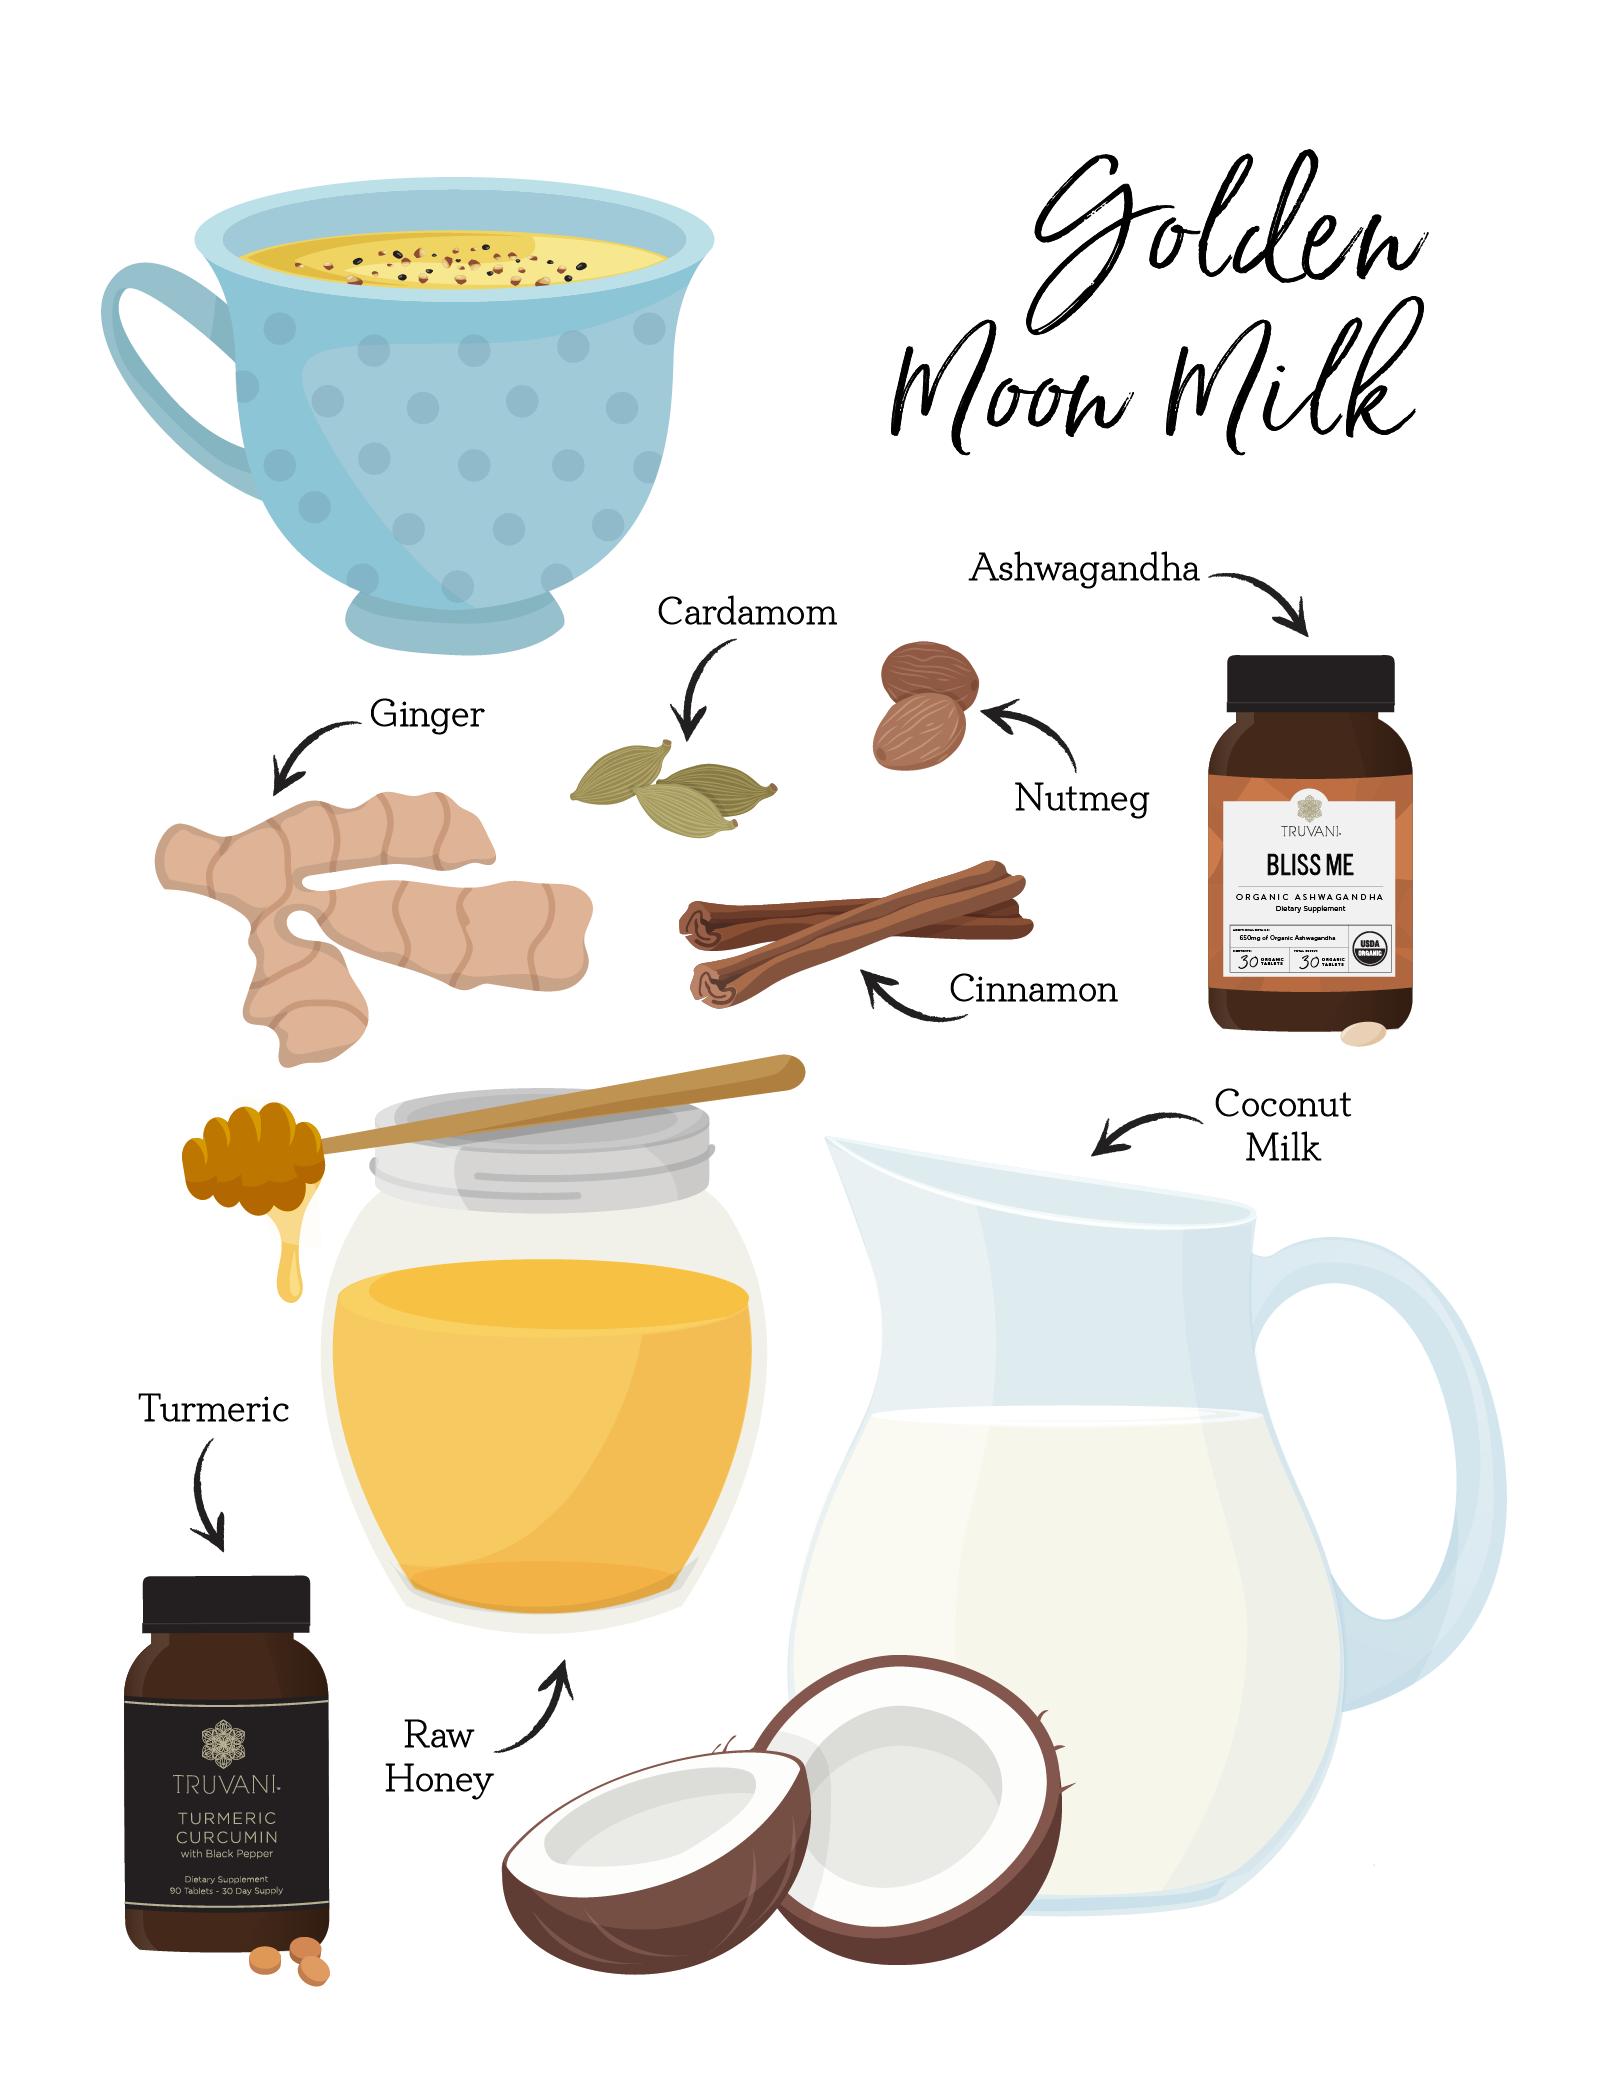 golden moon milk recipe illustration